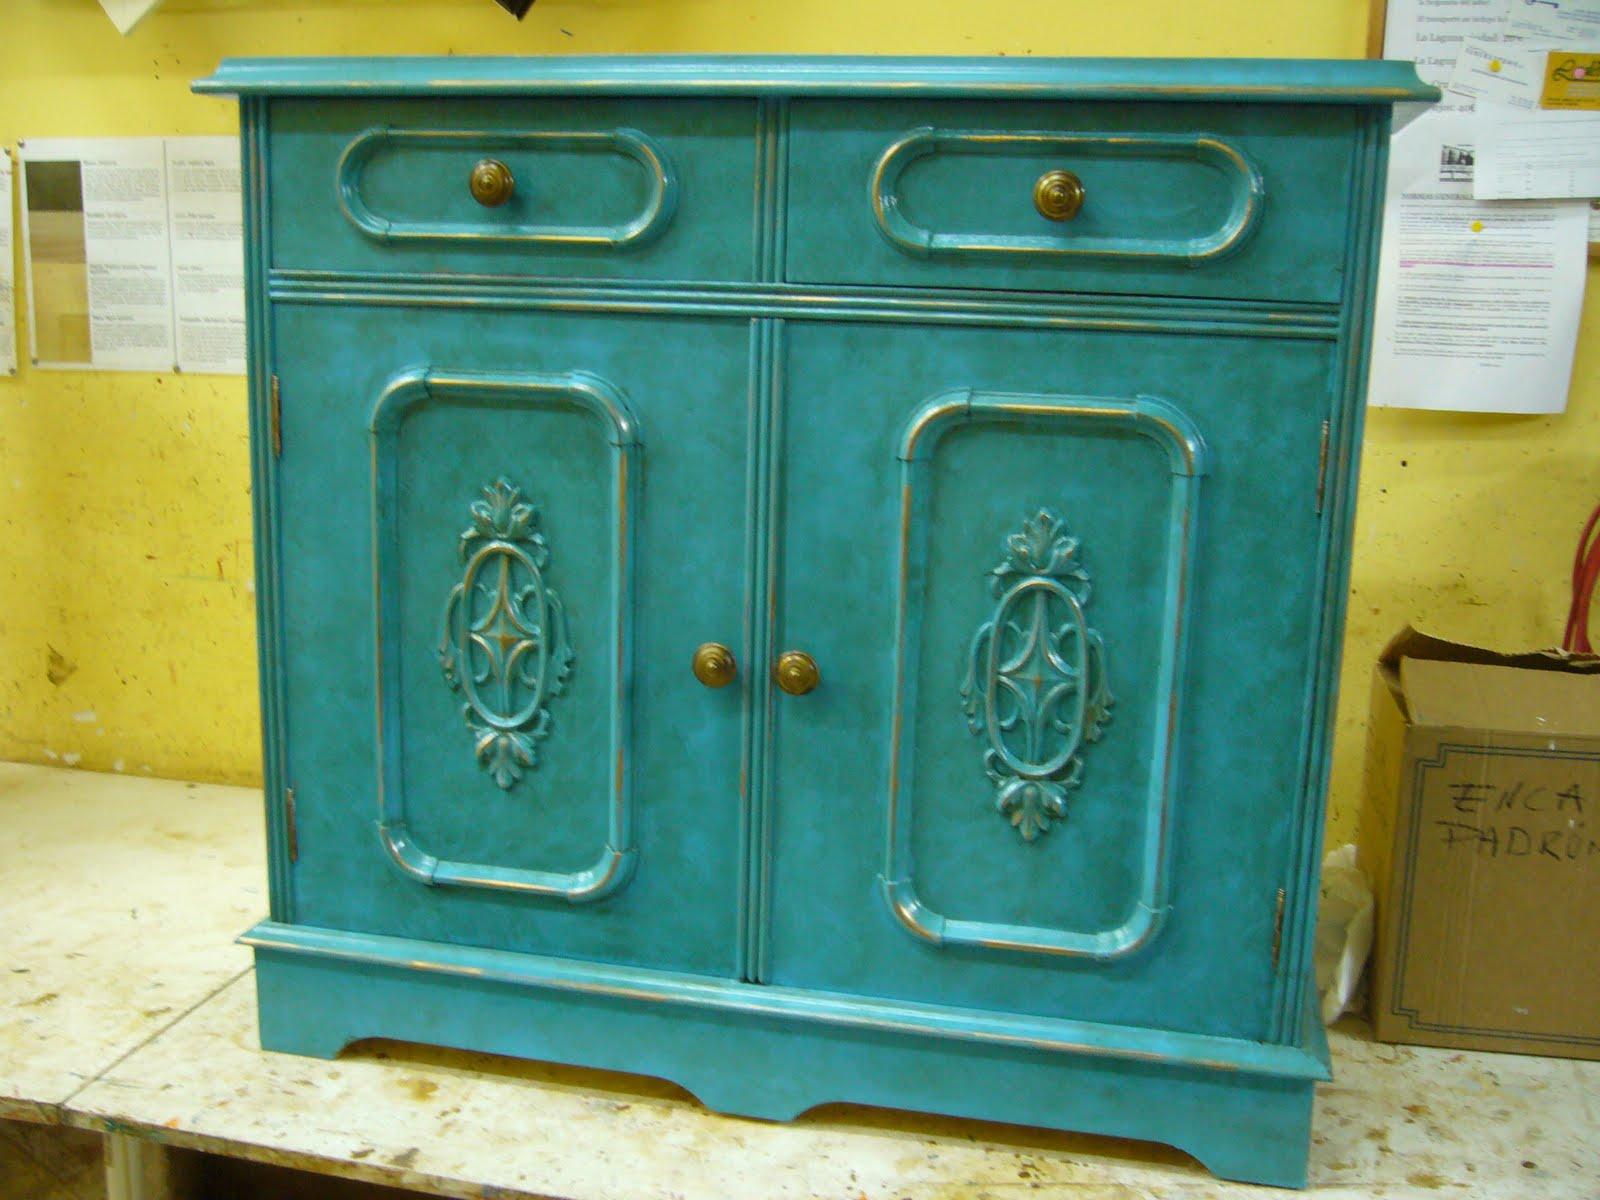 Muebles Patinados Dos Azules La Restauradora De La Laguna # Muebles Dorados